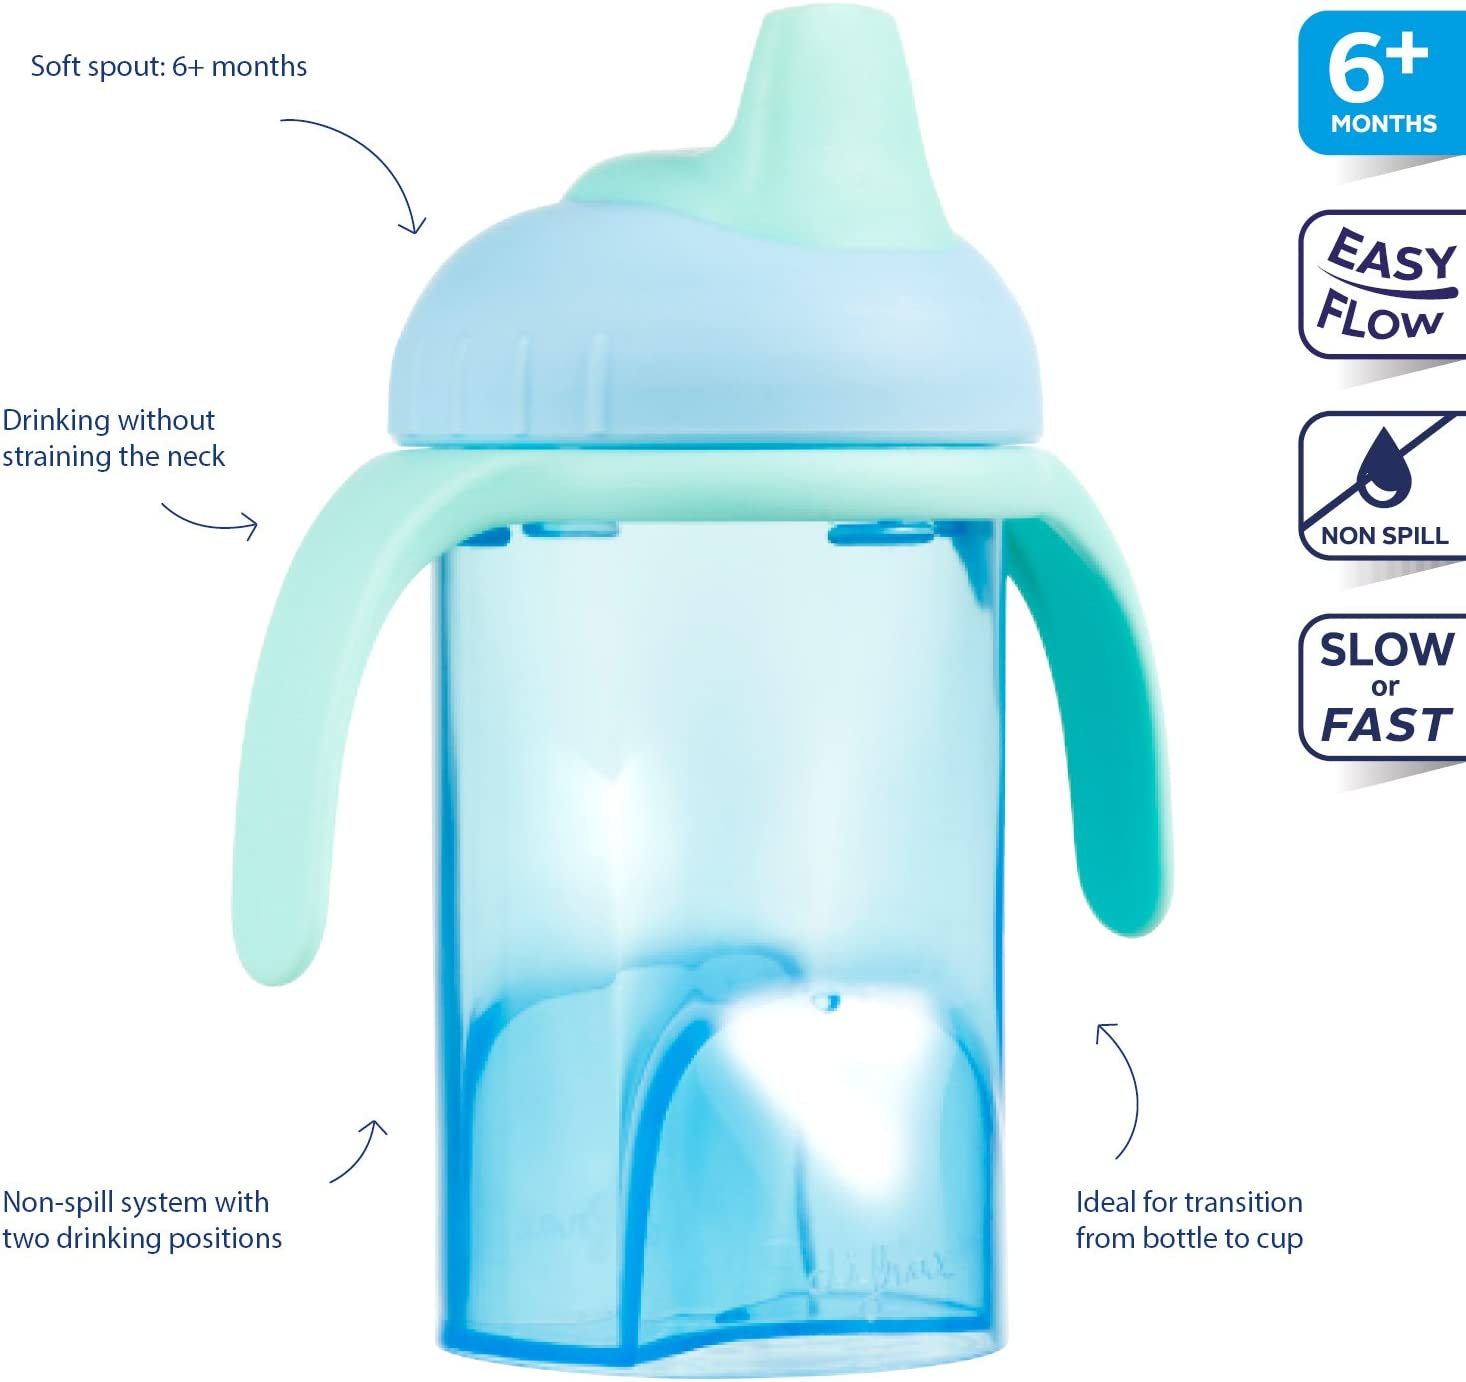 Difrax Verre /à poign/ées avec bec souple antifuite Bleu 250/ml